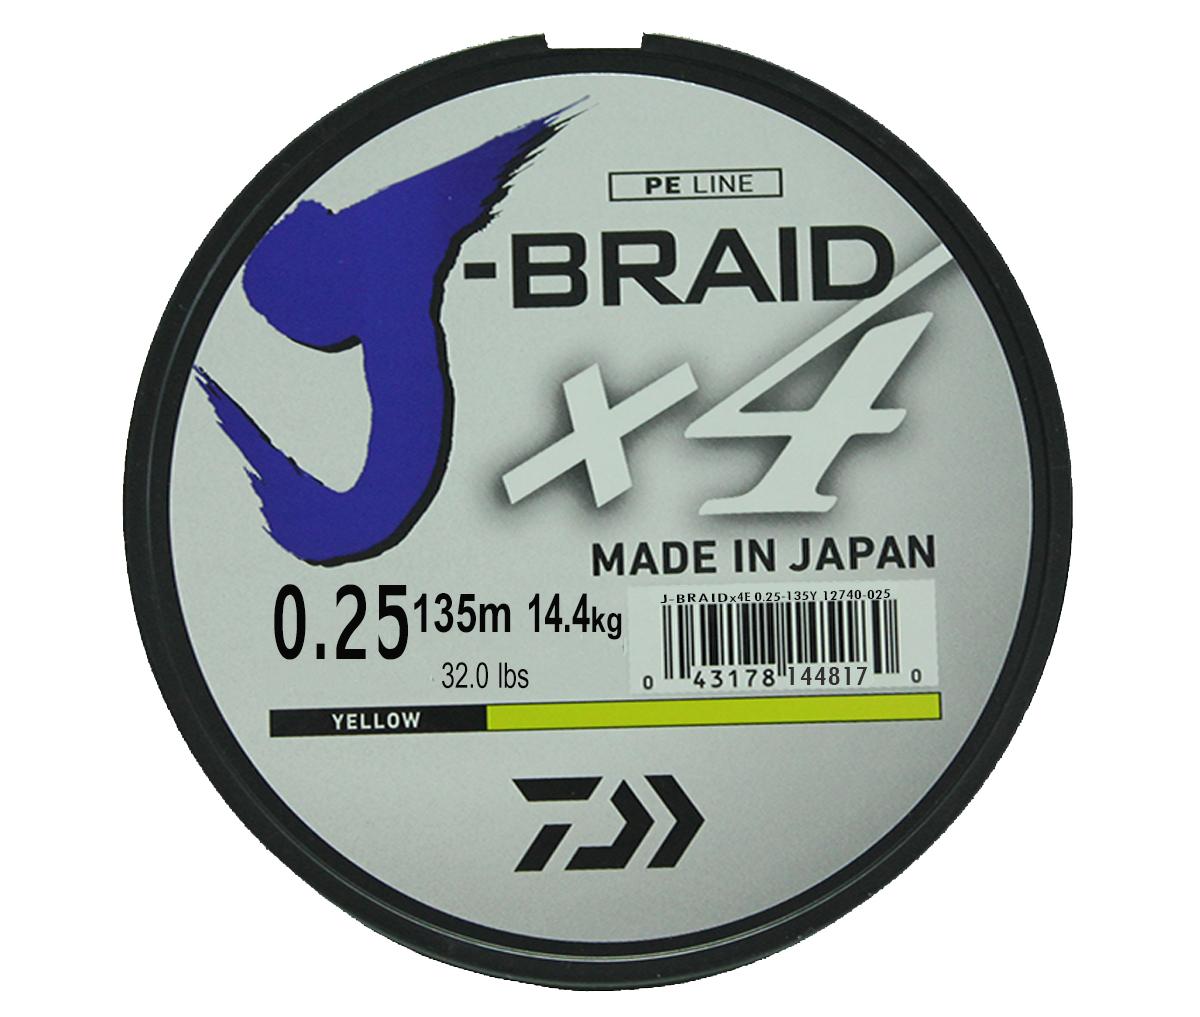 Шнур плетеный Daiwa J-Braid X4, цвет: флуоресцентный желтый, 135 м, 0,25 мм61142Новый четырехжильный шнур J-Braid от Daiwa - шнур высокого класса с удивительным соотношением цены и качества. Качество плетения полностью соответствует японским стандартам и удовлетворяет всем требованиям. Представленные диаметры позволяют использовать шнур для всех техник ловли, начиная от Ultra-Light ловли окуня, до морской ловли палтуса, трески и так далее.